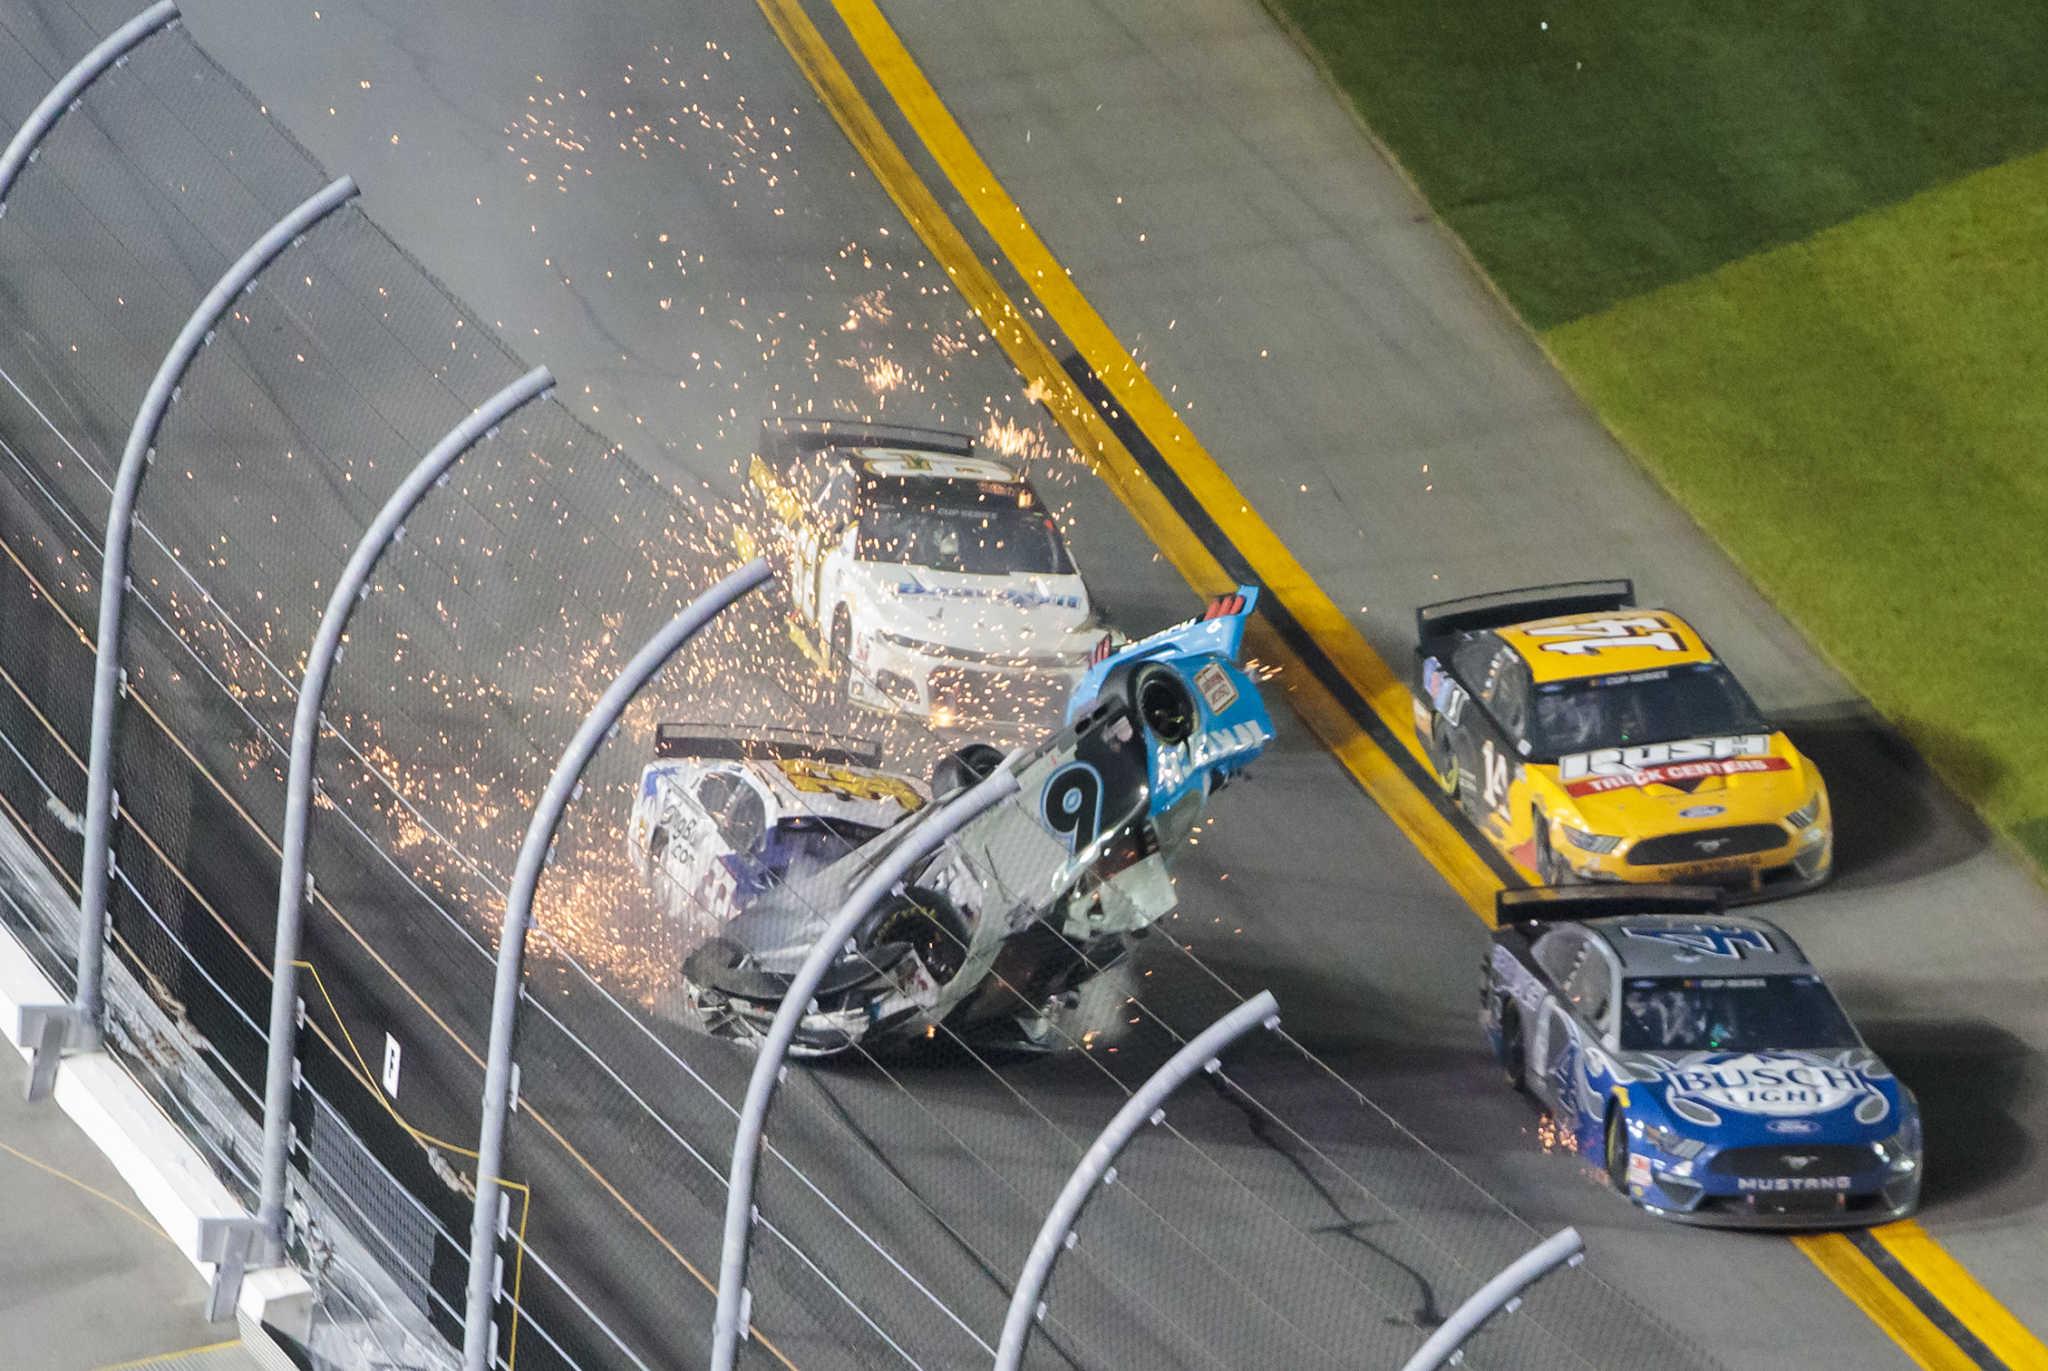 Σοκαριστικό ατύχημα σε αγώνα Nascar! Σε κρίσιμη κατάσταση ο οδηγός